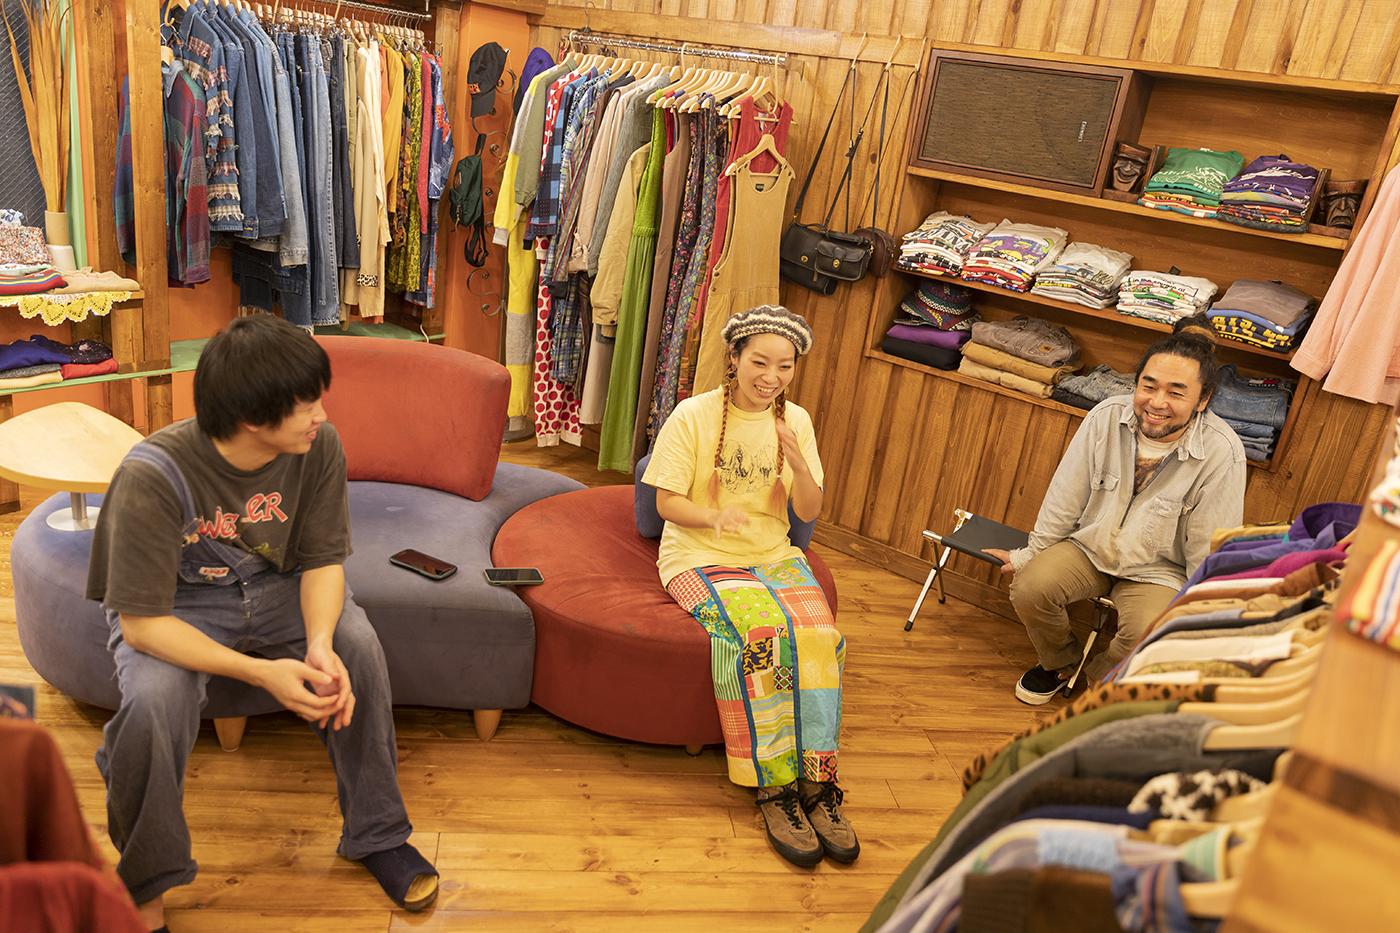 古着屋「chuple」でのインタビューの様子左から学生ライターの八嶋くん、メグミさん、カツゲンさん